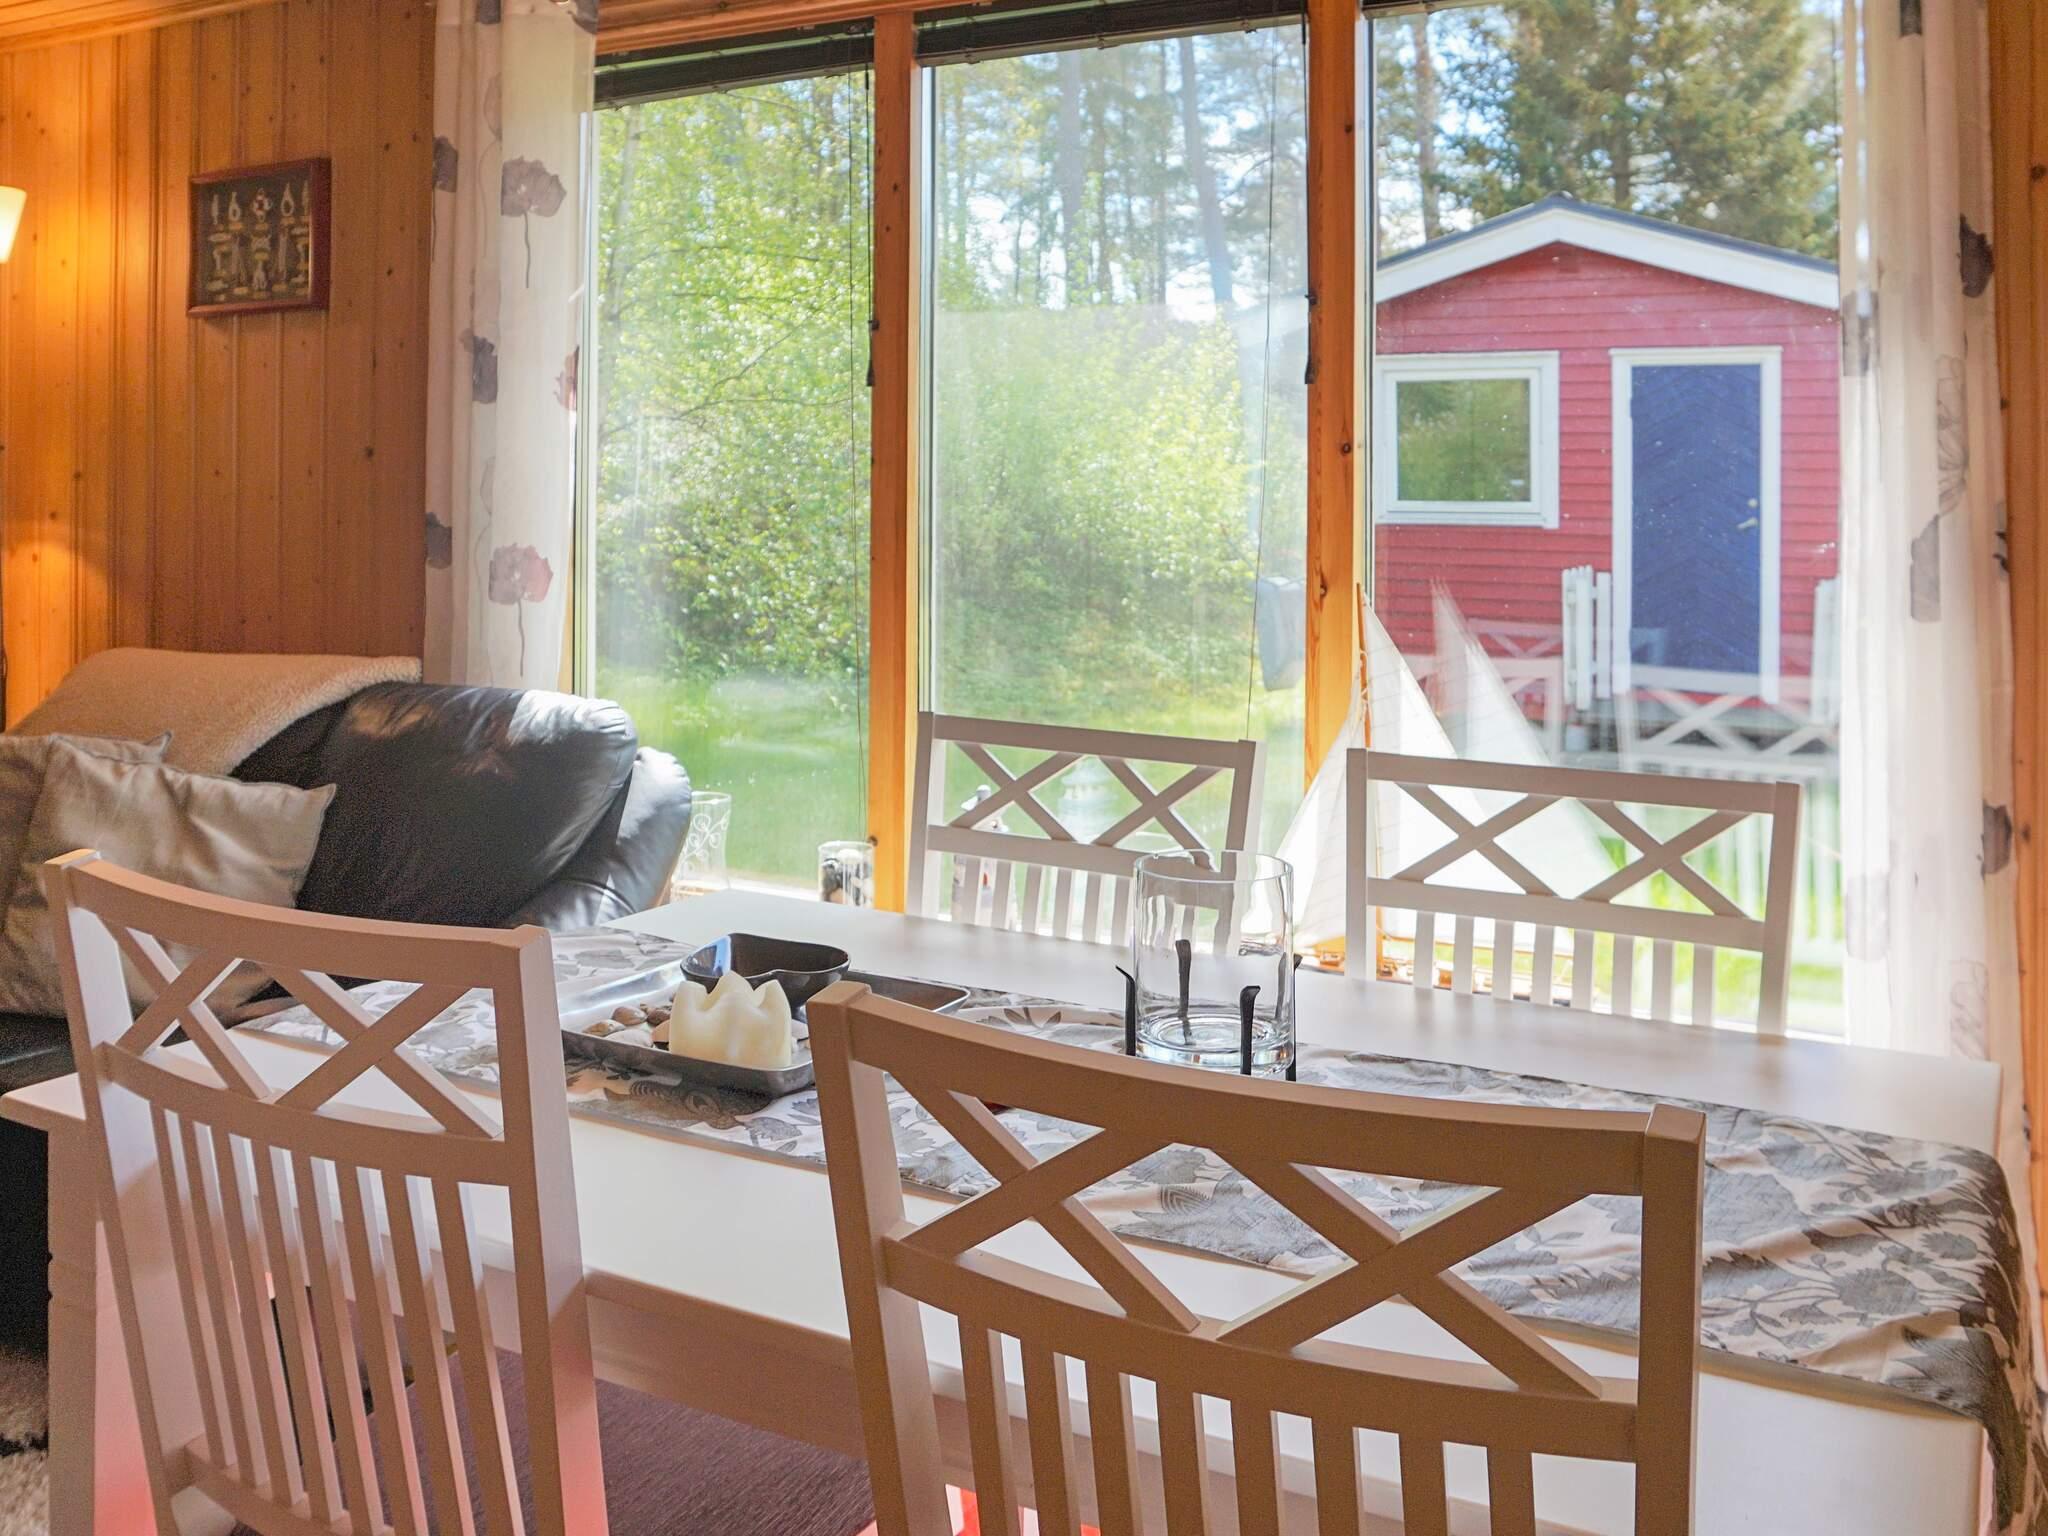 Ferienhaus Barkedal (2627959), Brastad, Västra Götaland län, Westschweden, Schweden, Bild 3